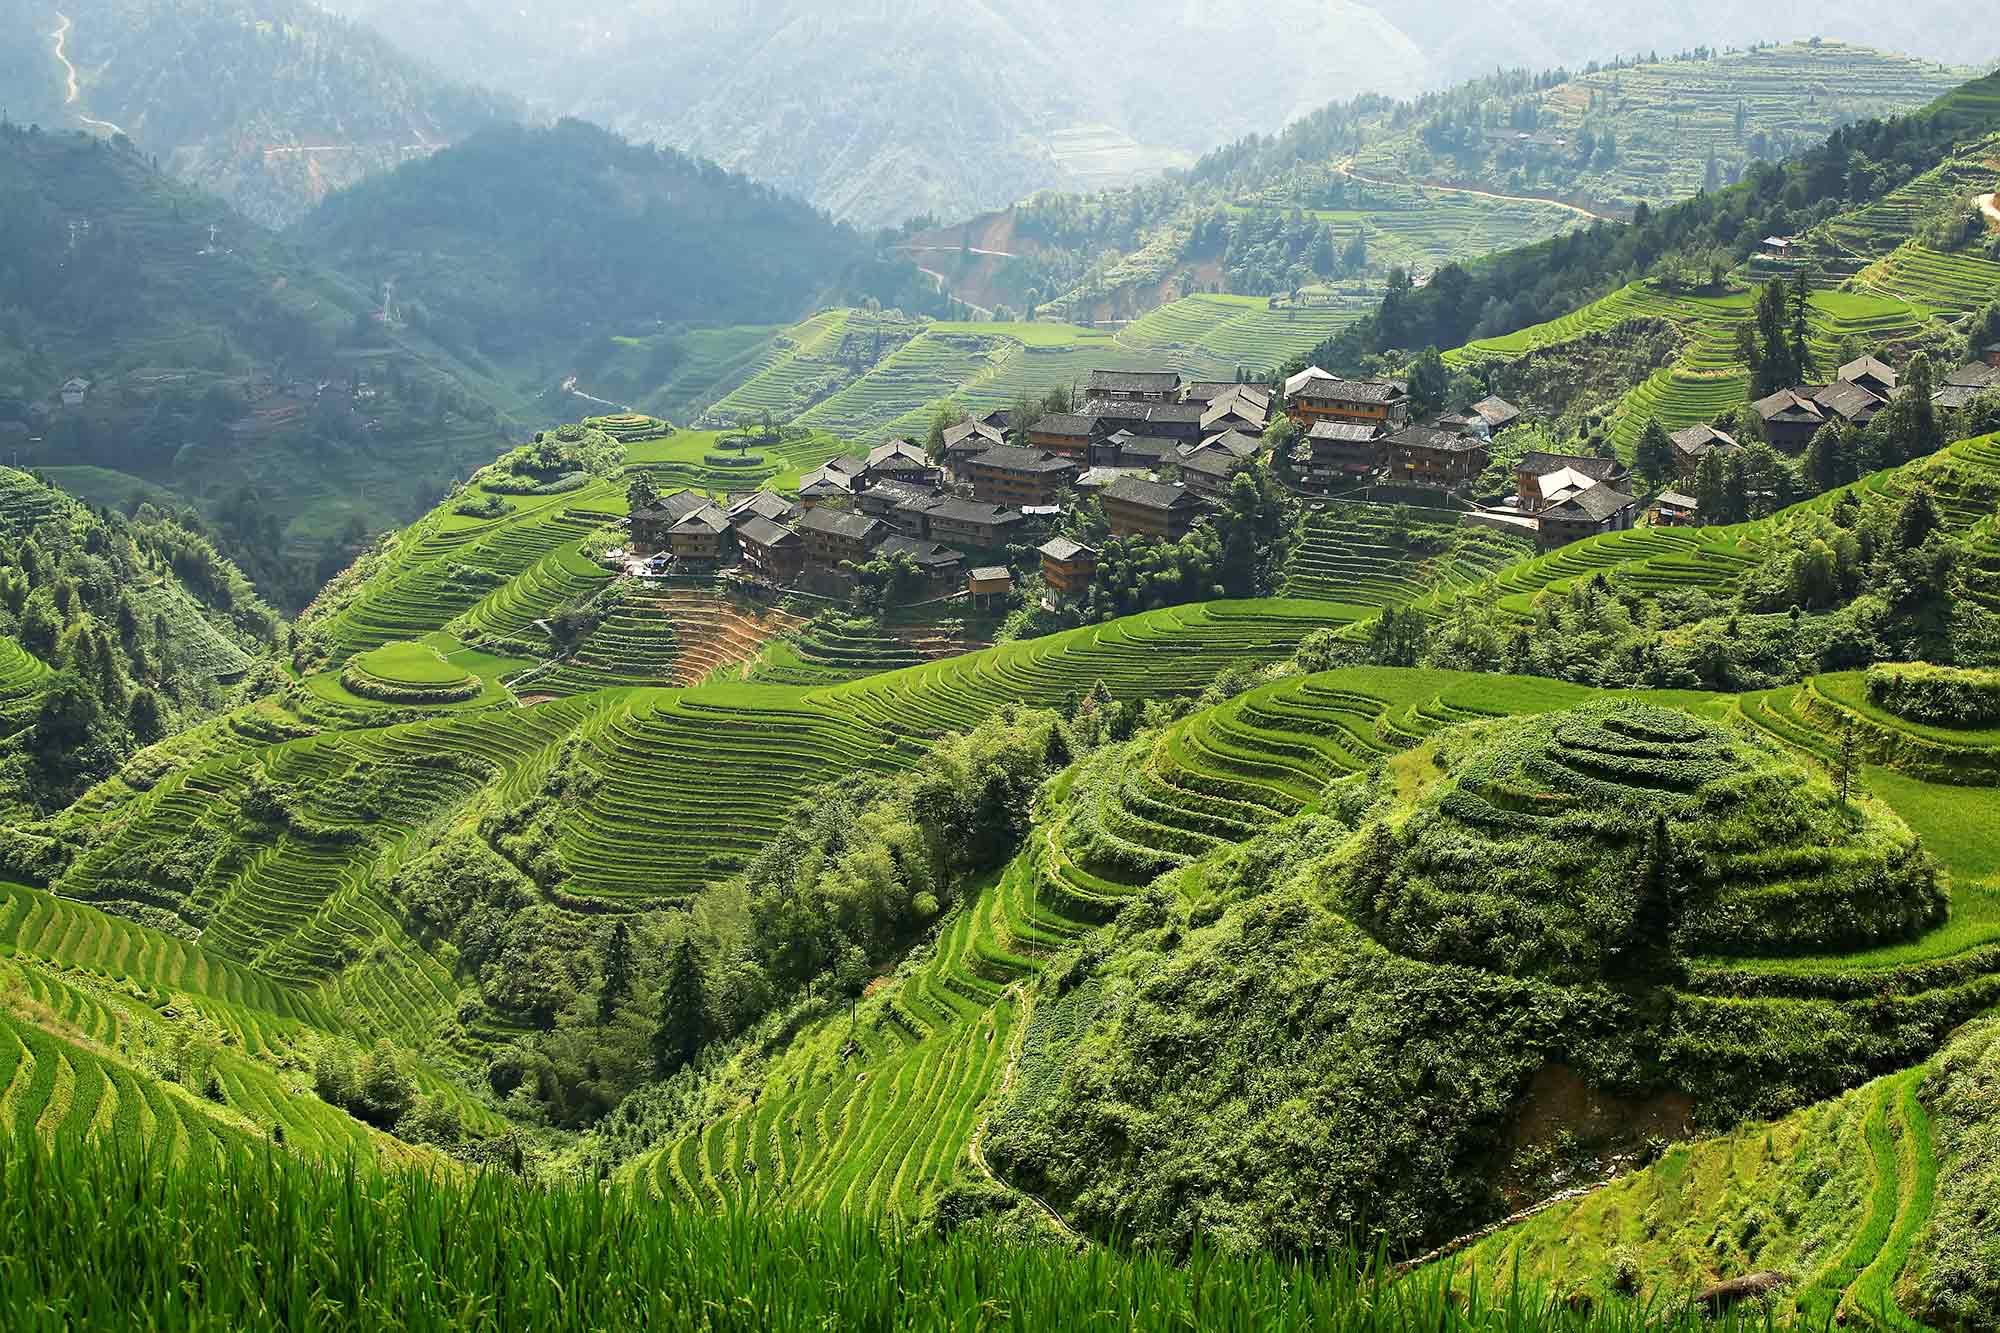 Longji Village, China